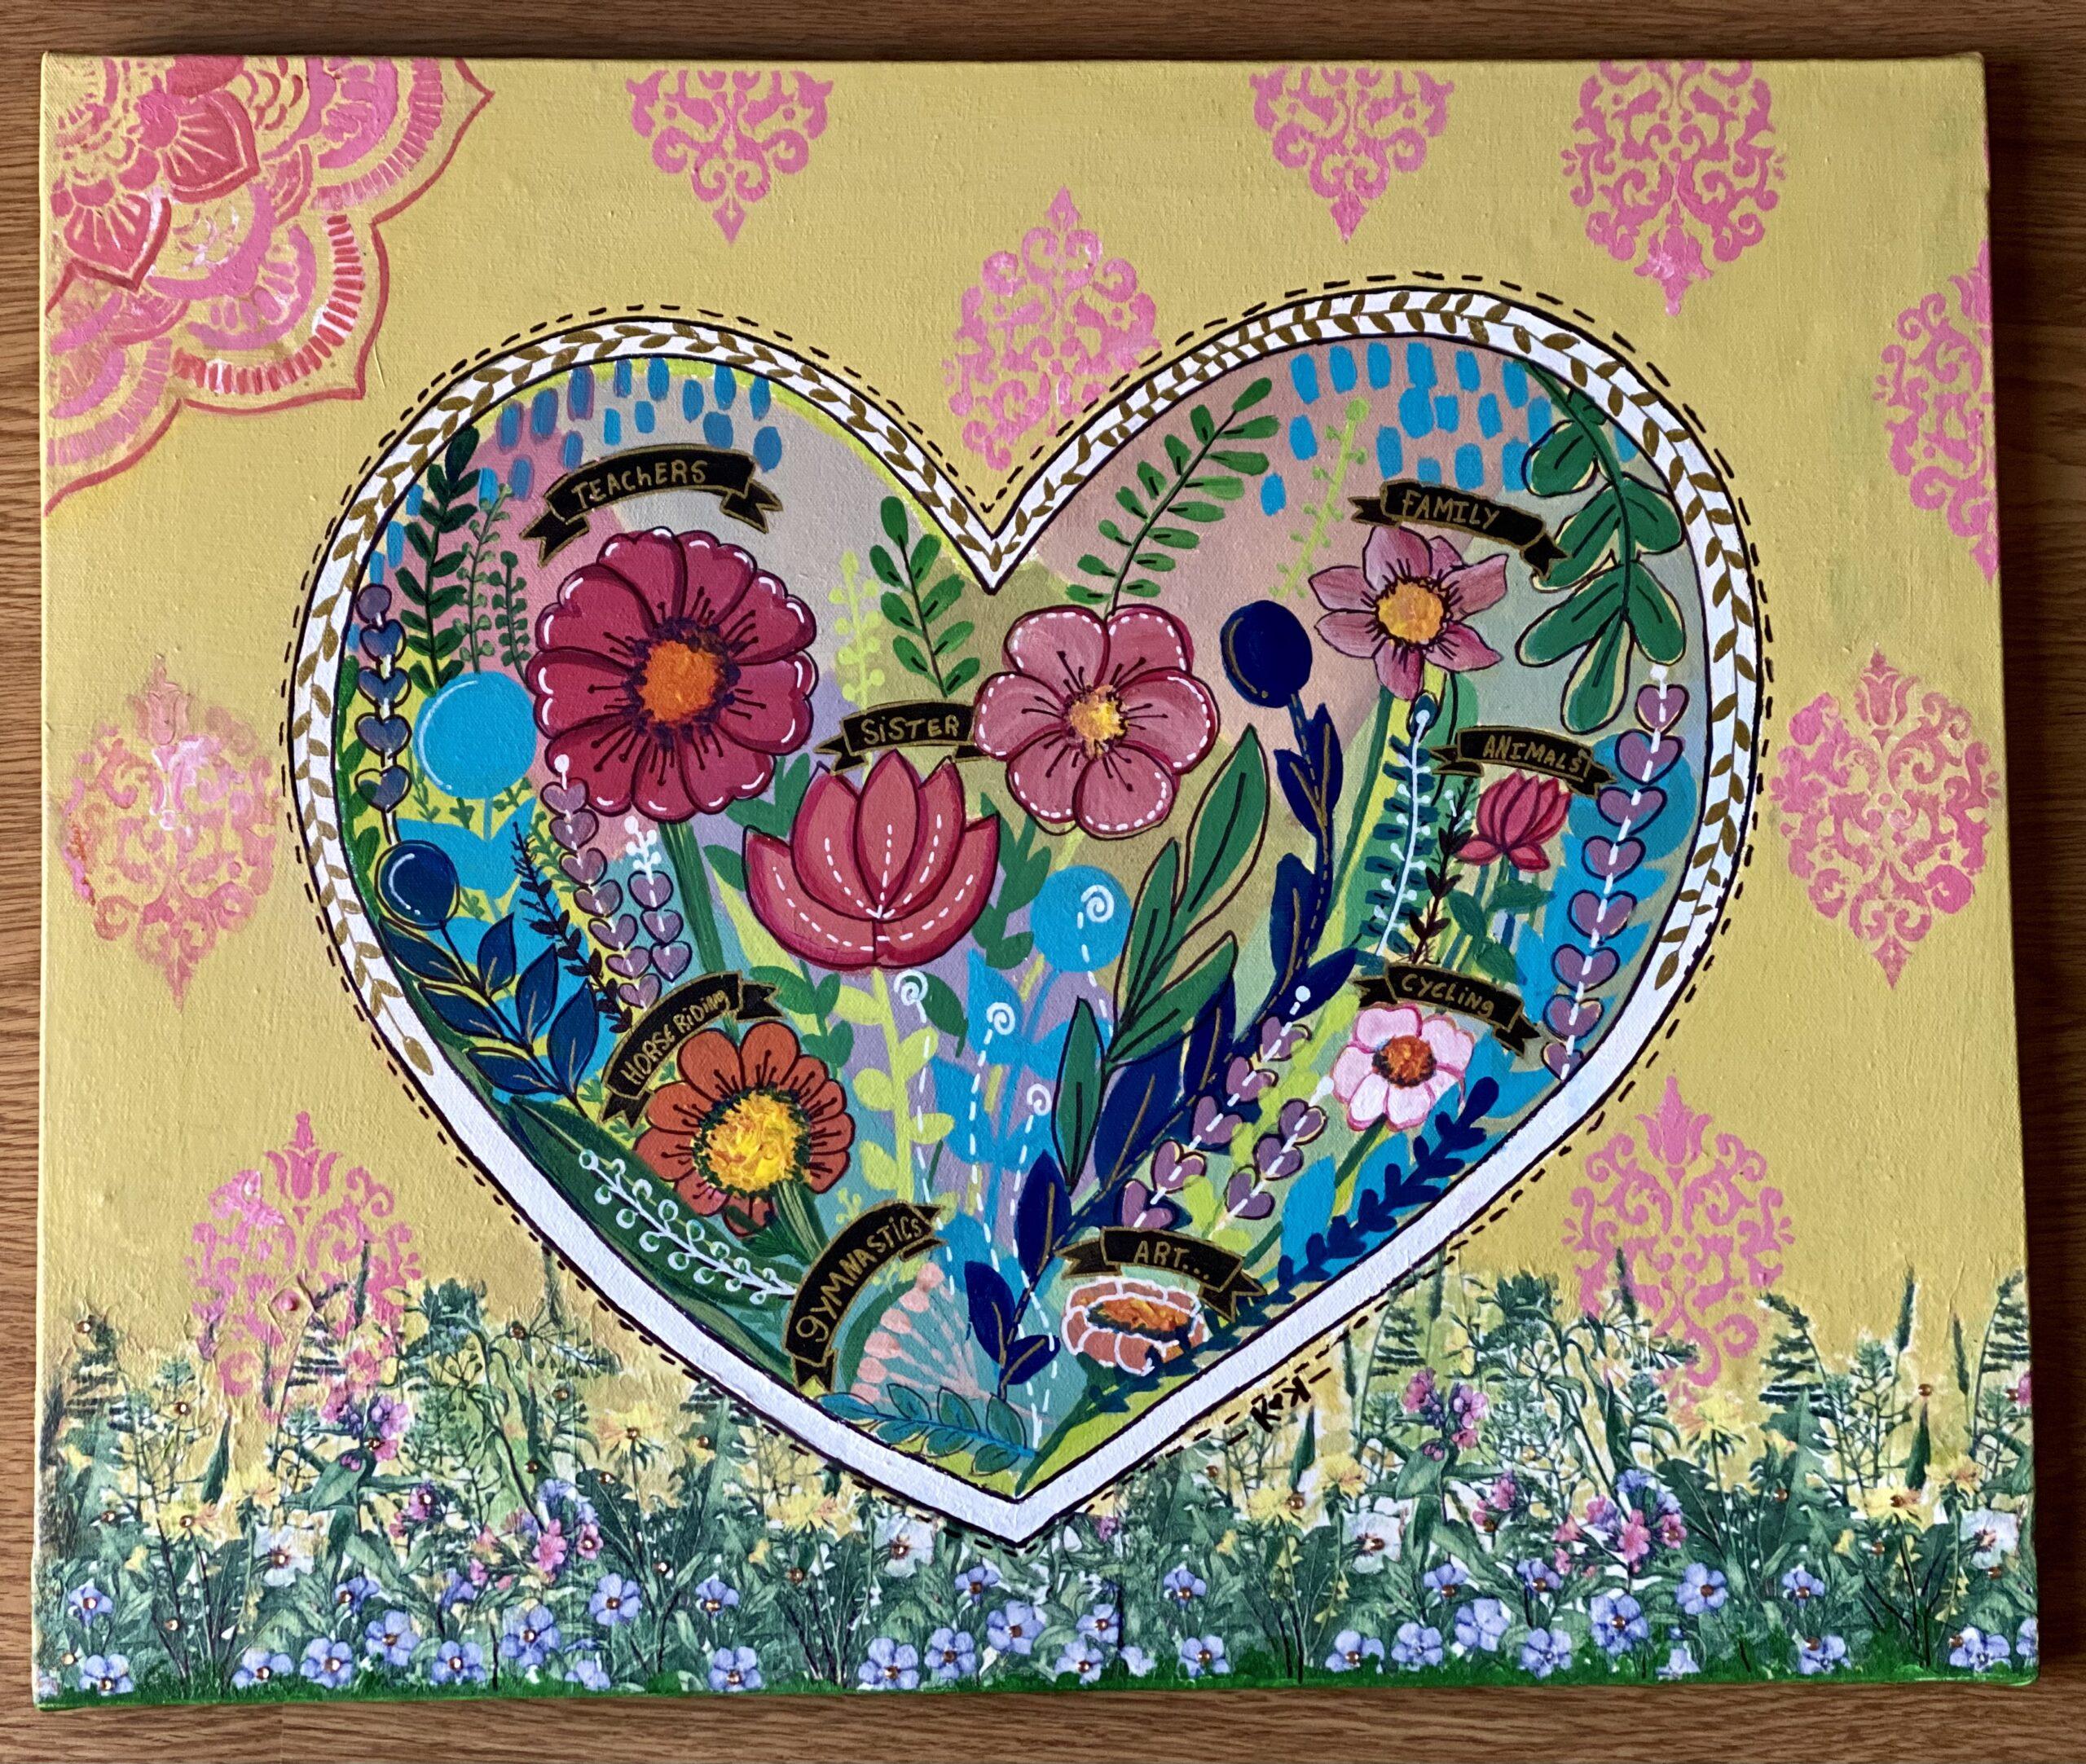 Grow Love by Kiaara Kumar